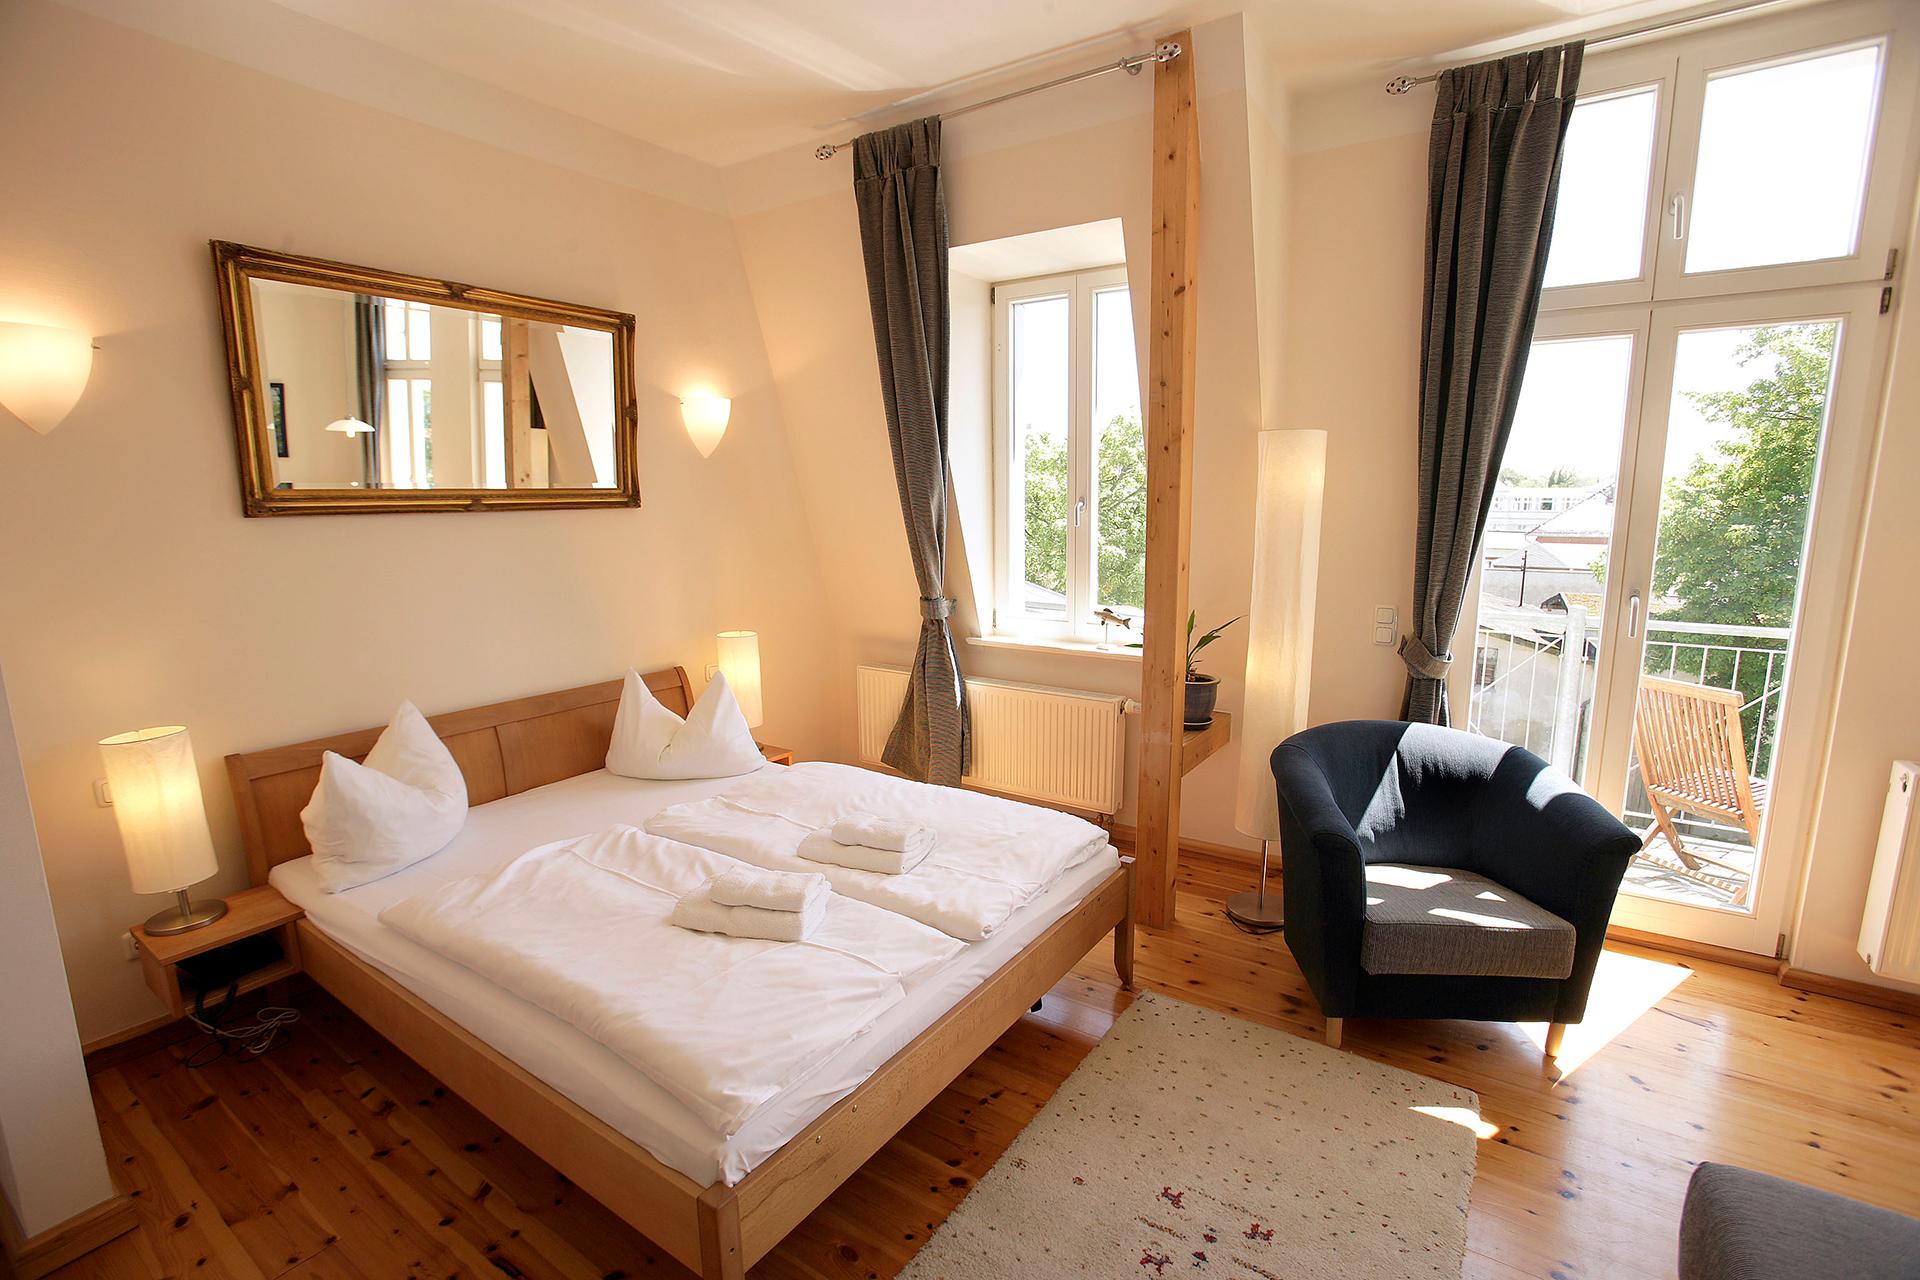 ferienwohnung no 24 villa glaeser ferienwohnungen bansin. Black Bedroom Furniture Sets. Home Design Ideas